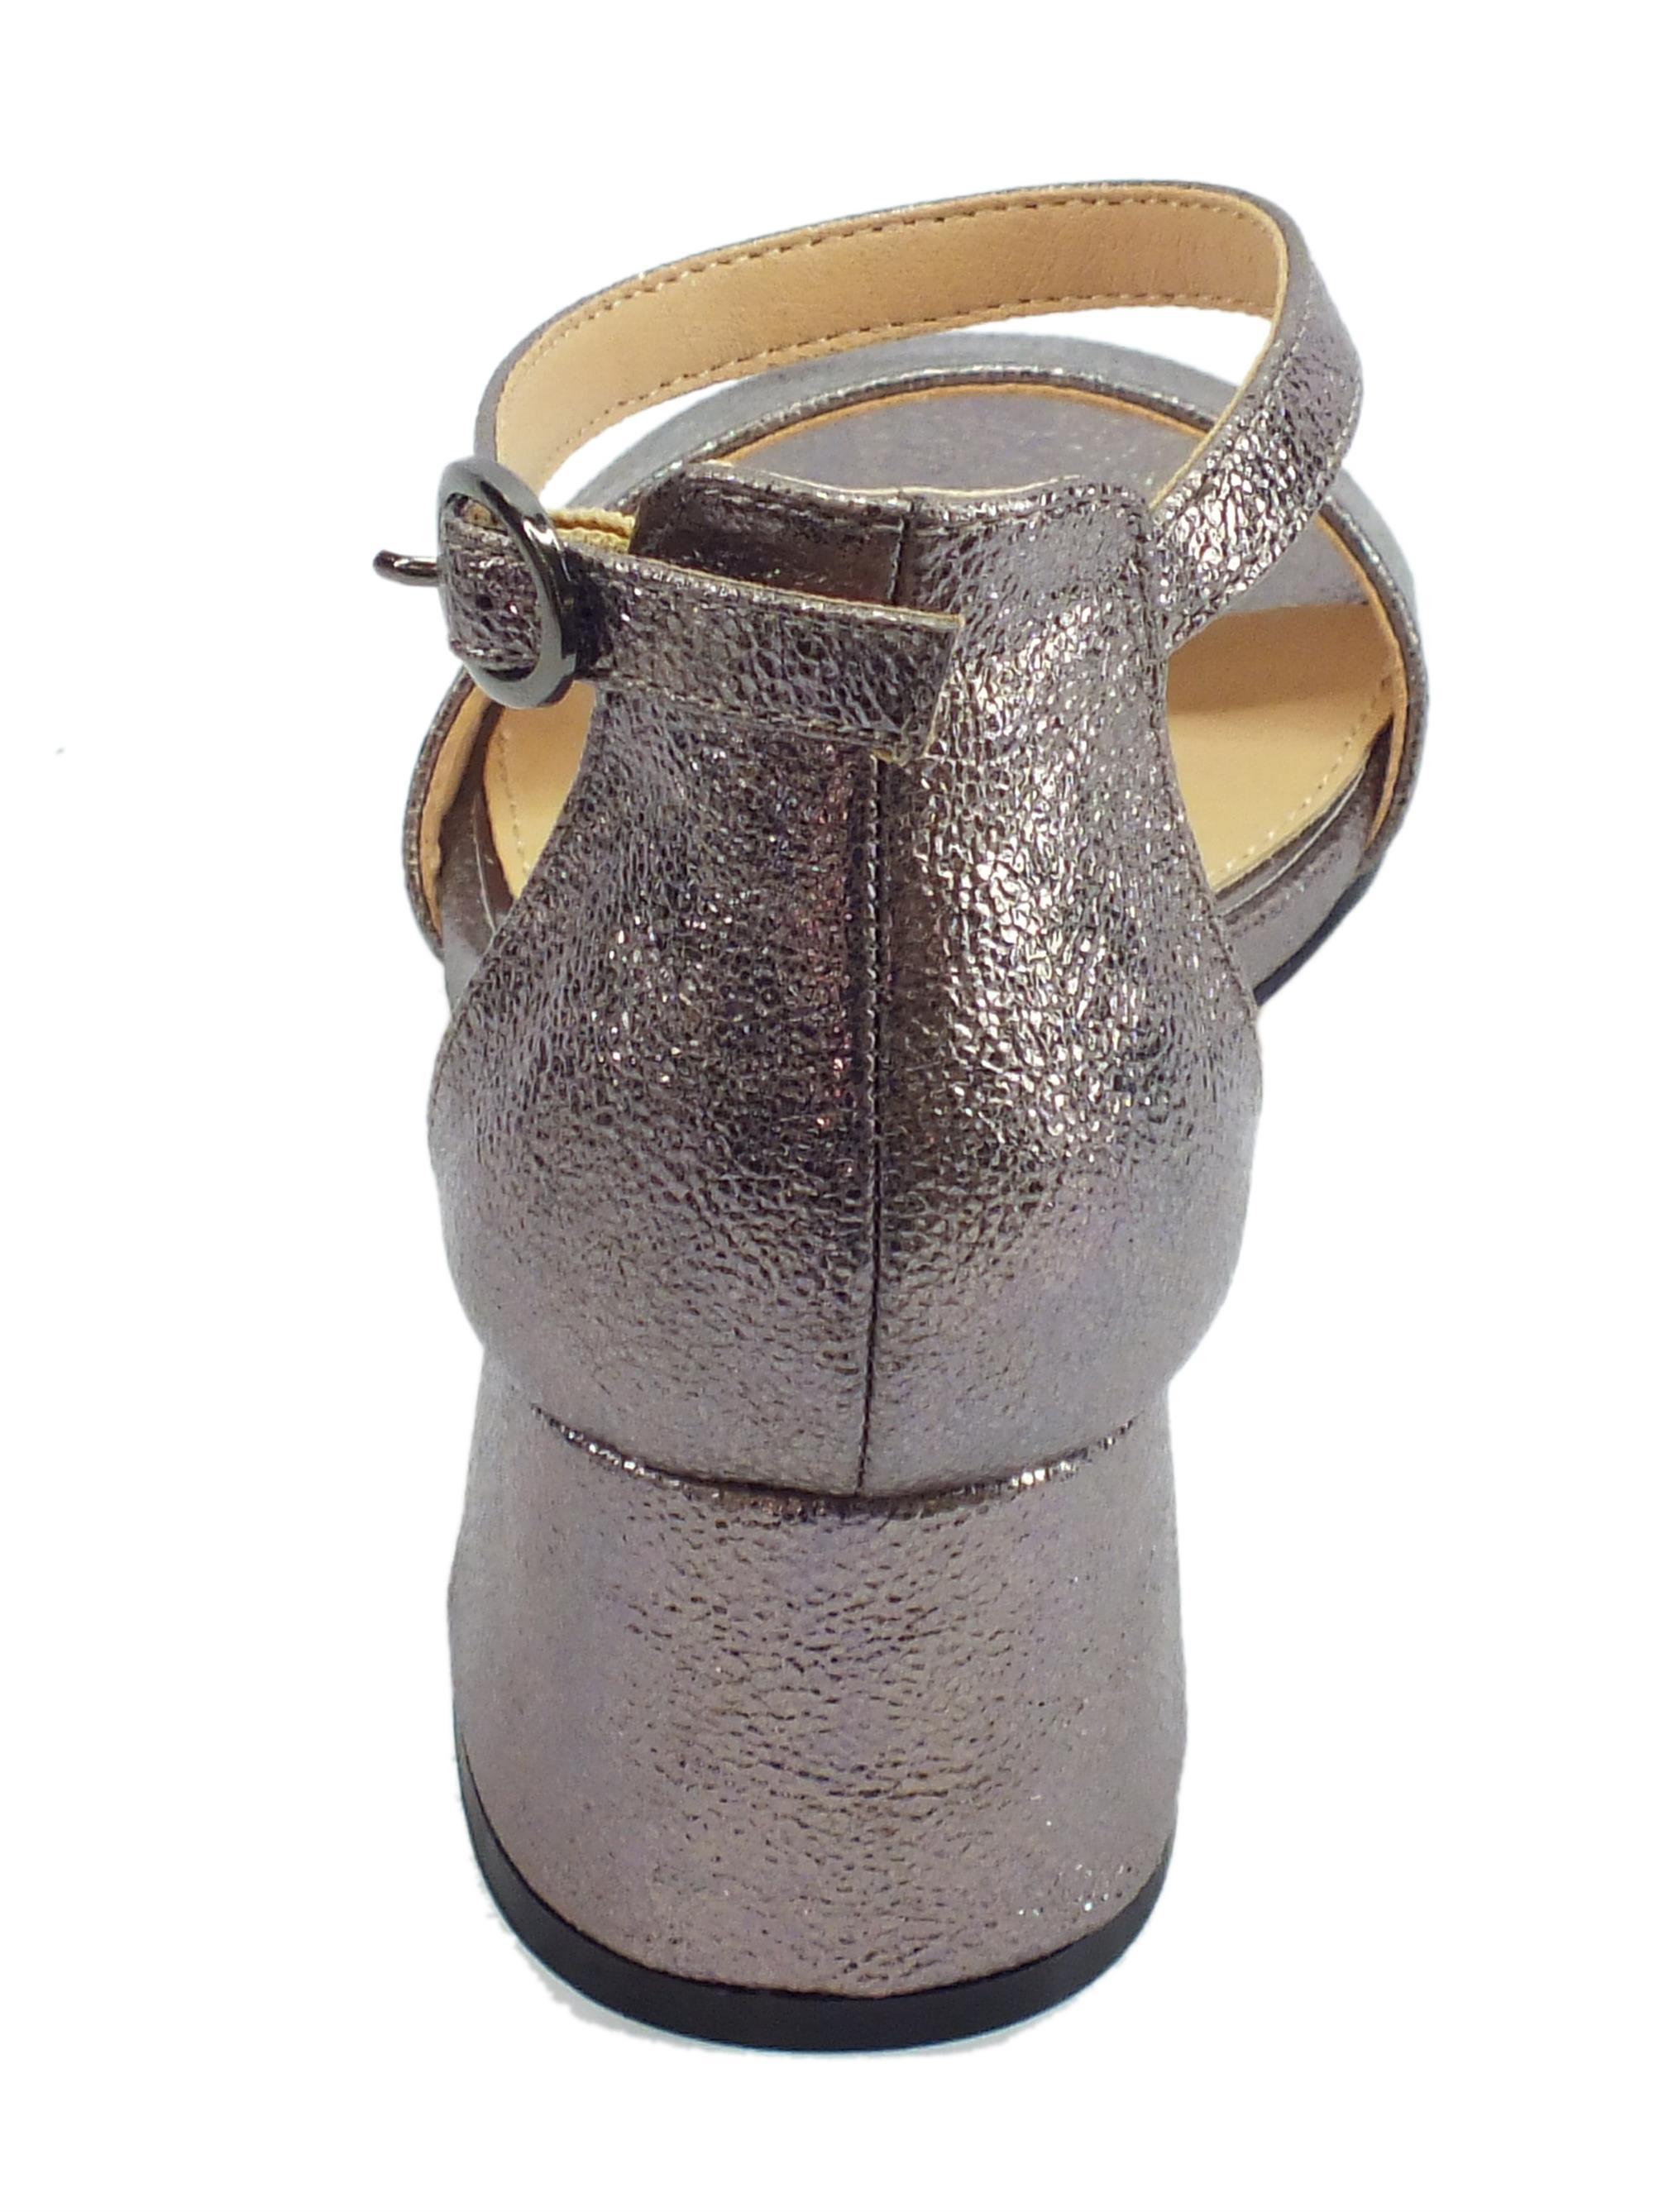 6b3d96711e572 ... CafèNOIR sandali donna in pelle martellata colore peltro tacco medio